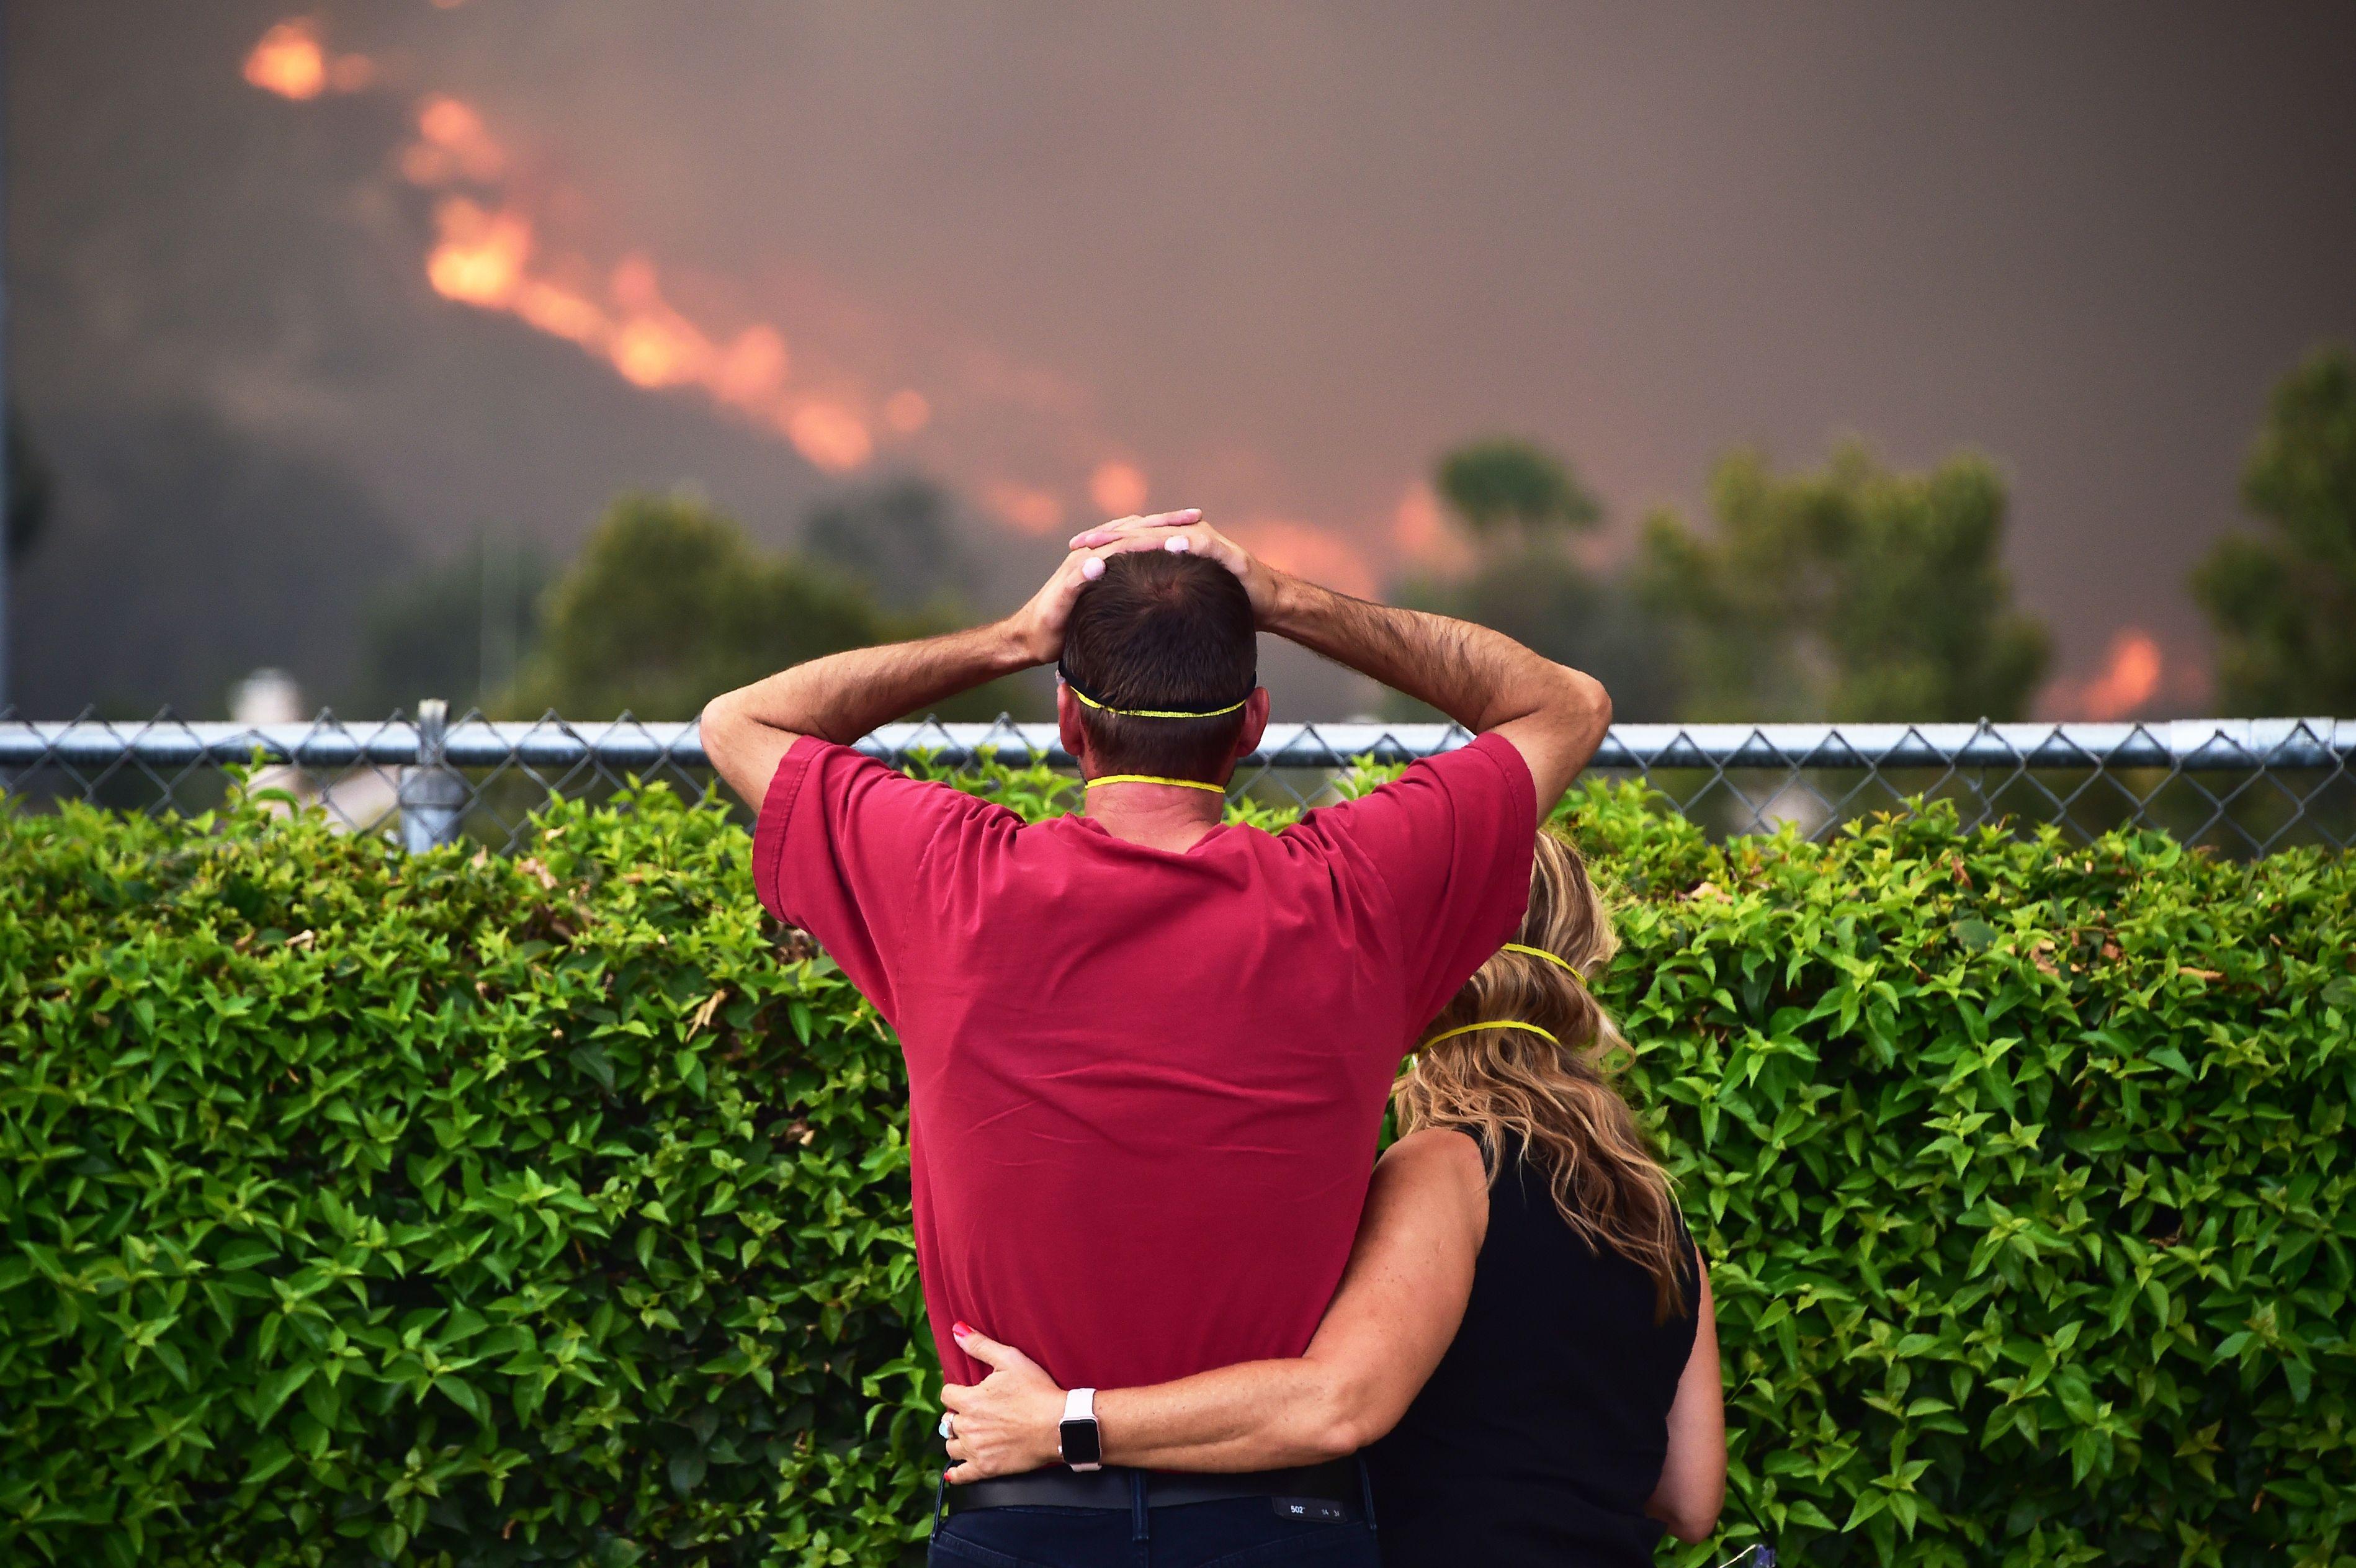 صدمة أحد الأمريكيين من حجم الحرائق